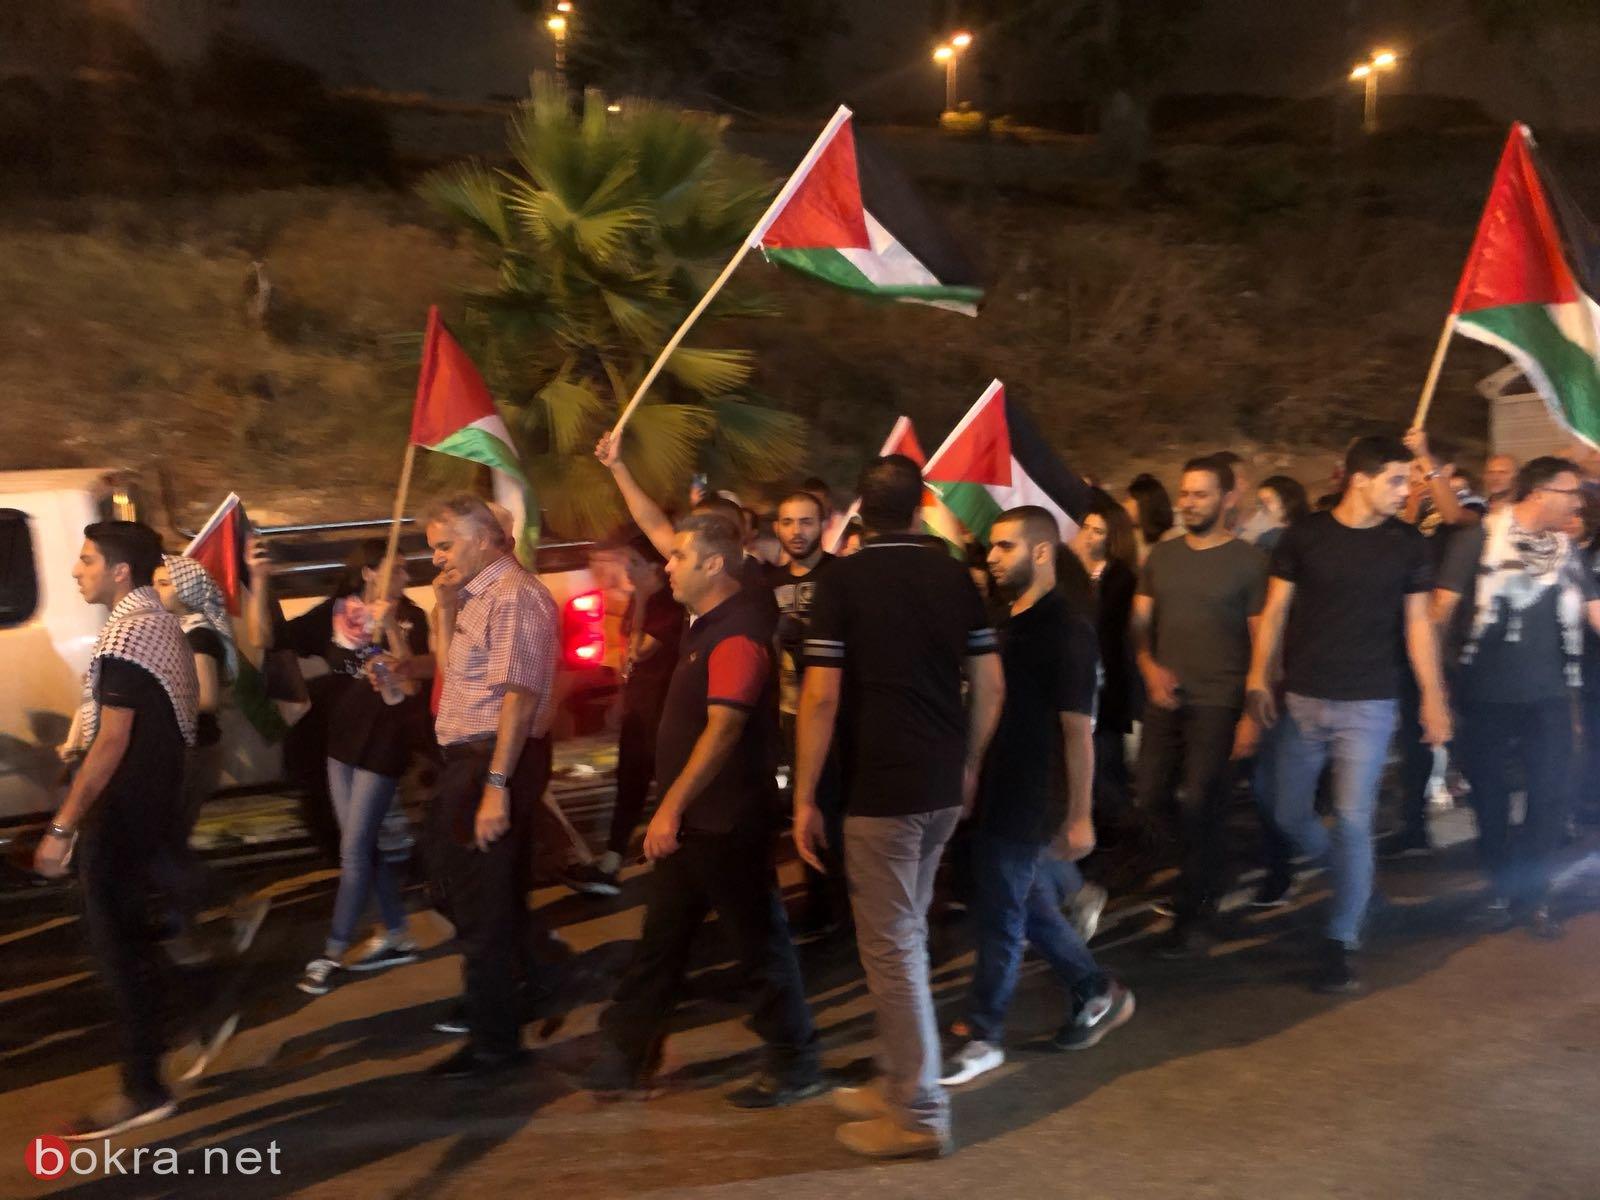 ام الفحم: اختتام المسيرة الفحماوية التضامنية مع غزّة